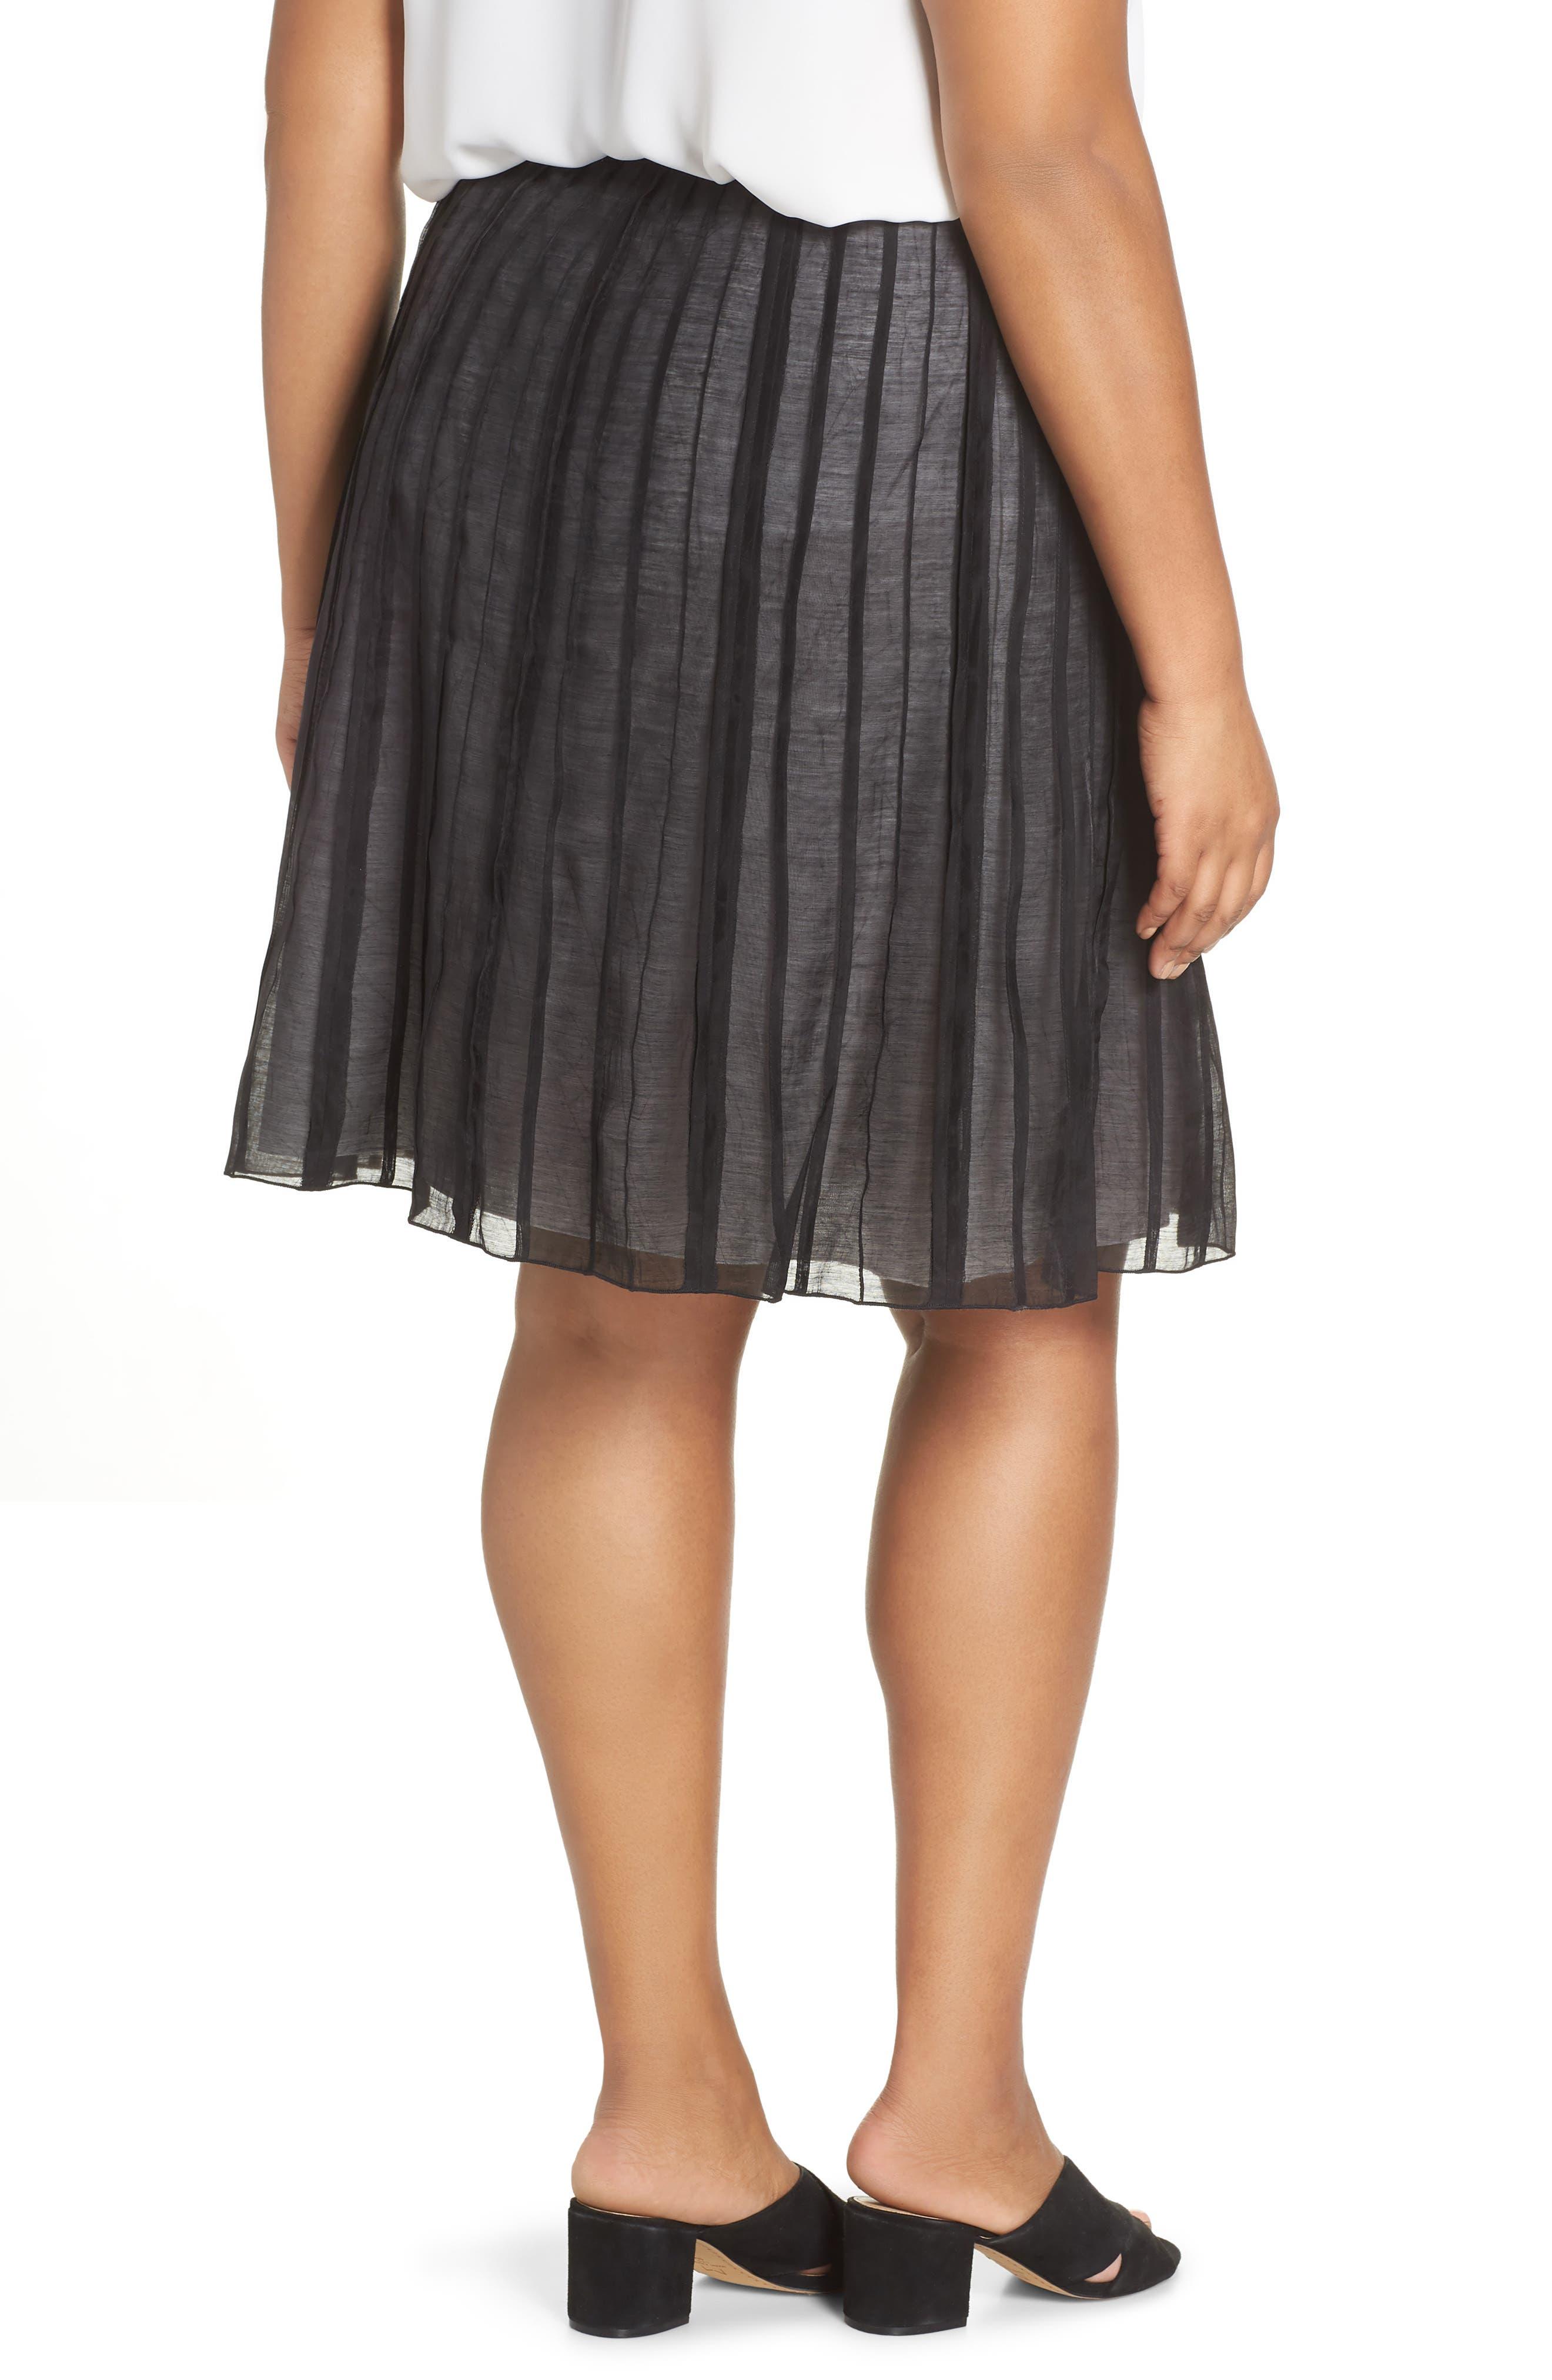 Batiste Flirt Skirt,                             Alternate thumbnail 2, color,                             BLACK ONYX